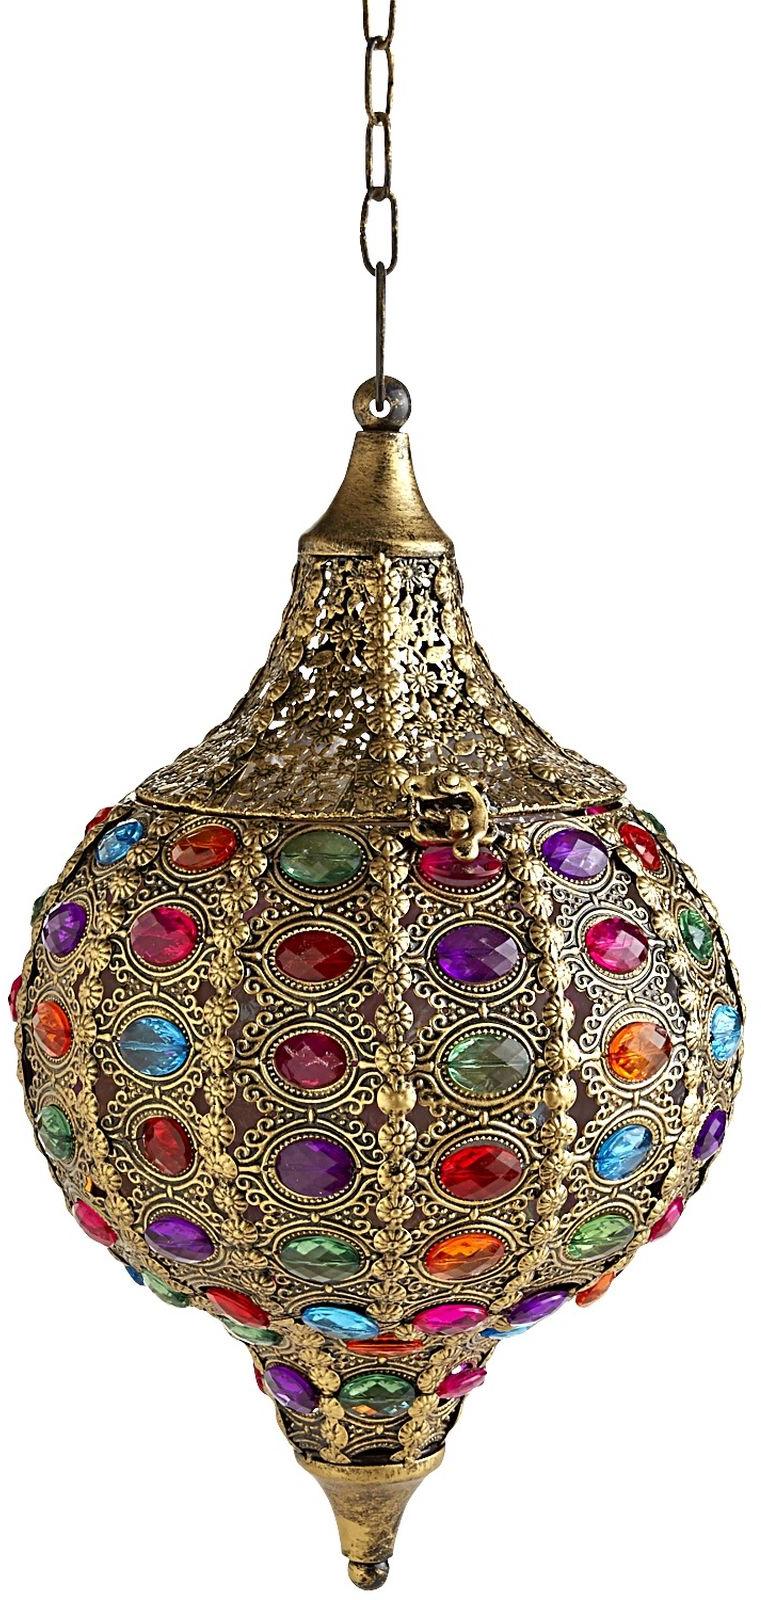 Caravan Gem Hanging Lantern - Gold | Pier 1 Imports